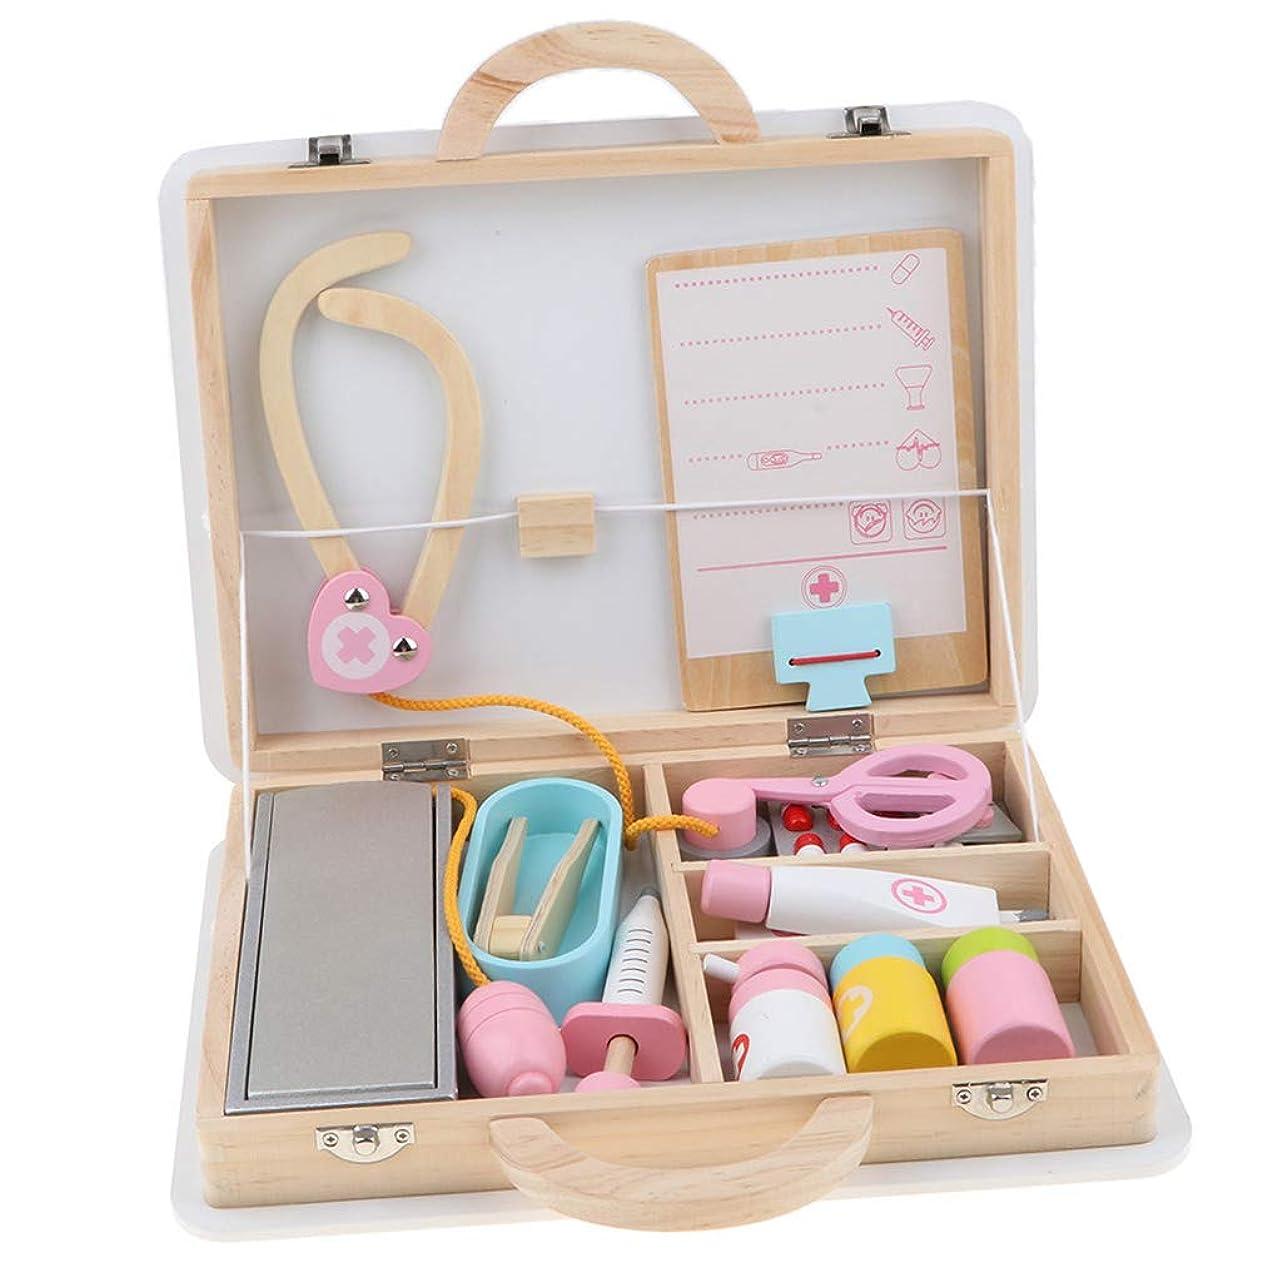 ベーリング海峡呼び出すベールTachiuwa お医者さんごっこ 15点セット びょういん 木製 知育玩具 おもちゃ ドクター 女の子 プレゼント